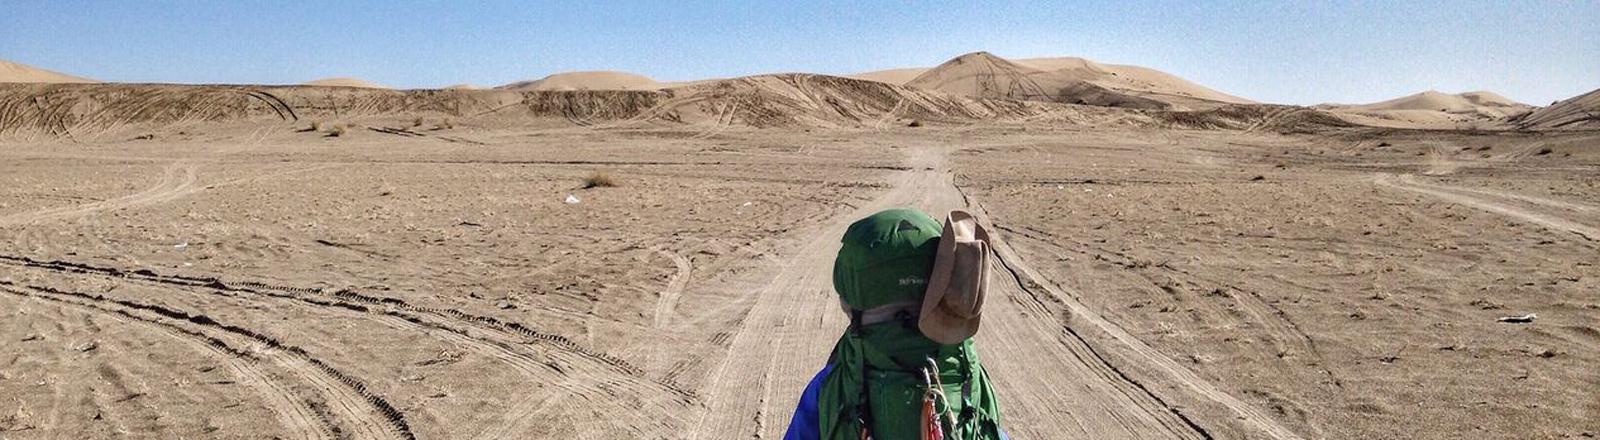 Stephan Meurisch auf seiner Wanderung in der Wüste